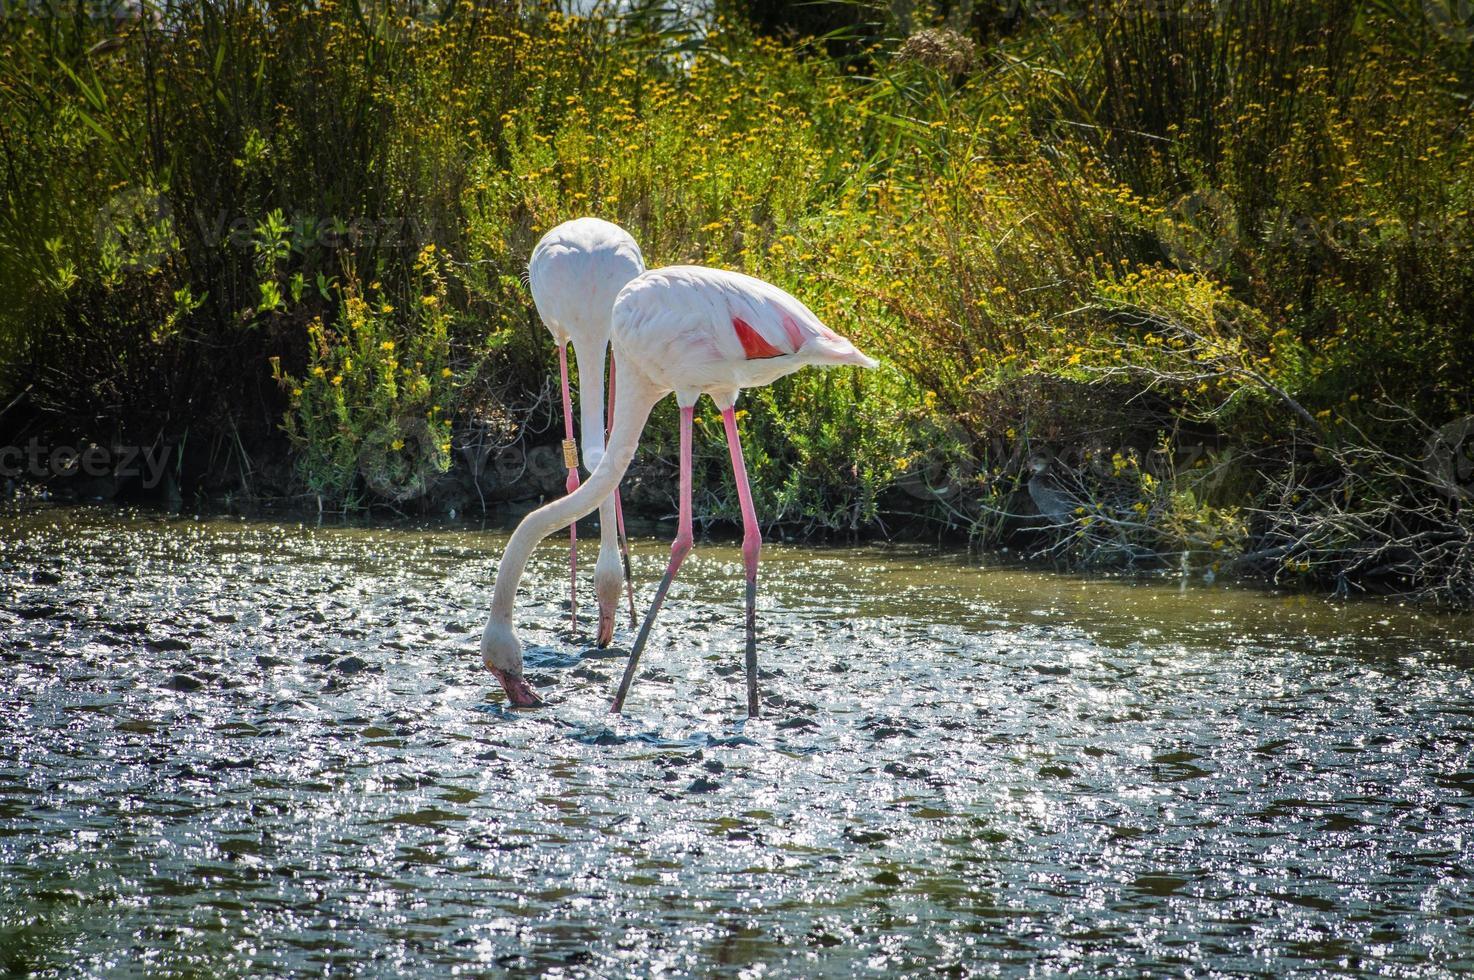 rosa flamingo (phoenicopterus ruber) i camargue, Frankrike foto